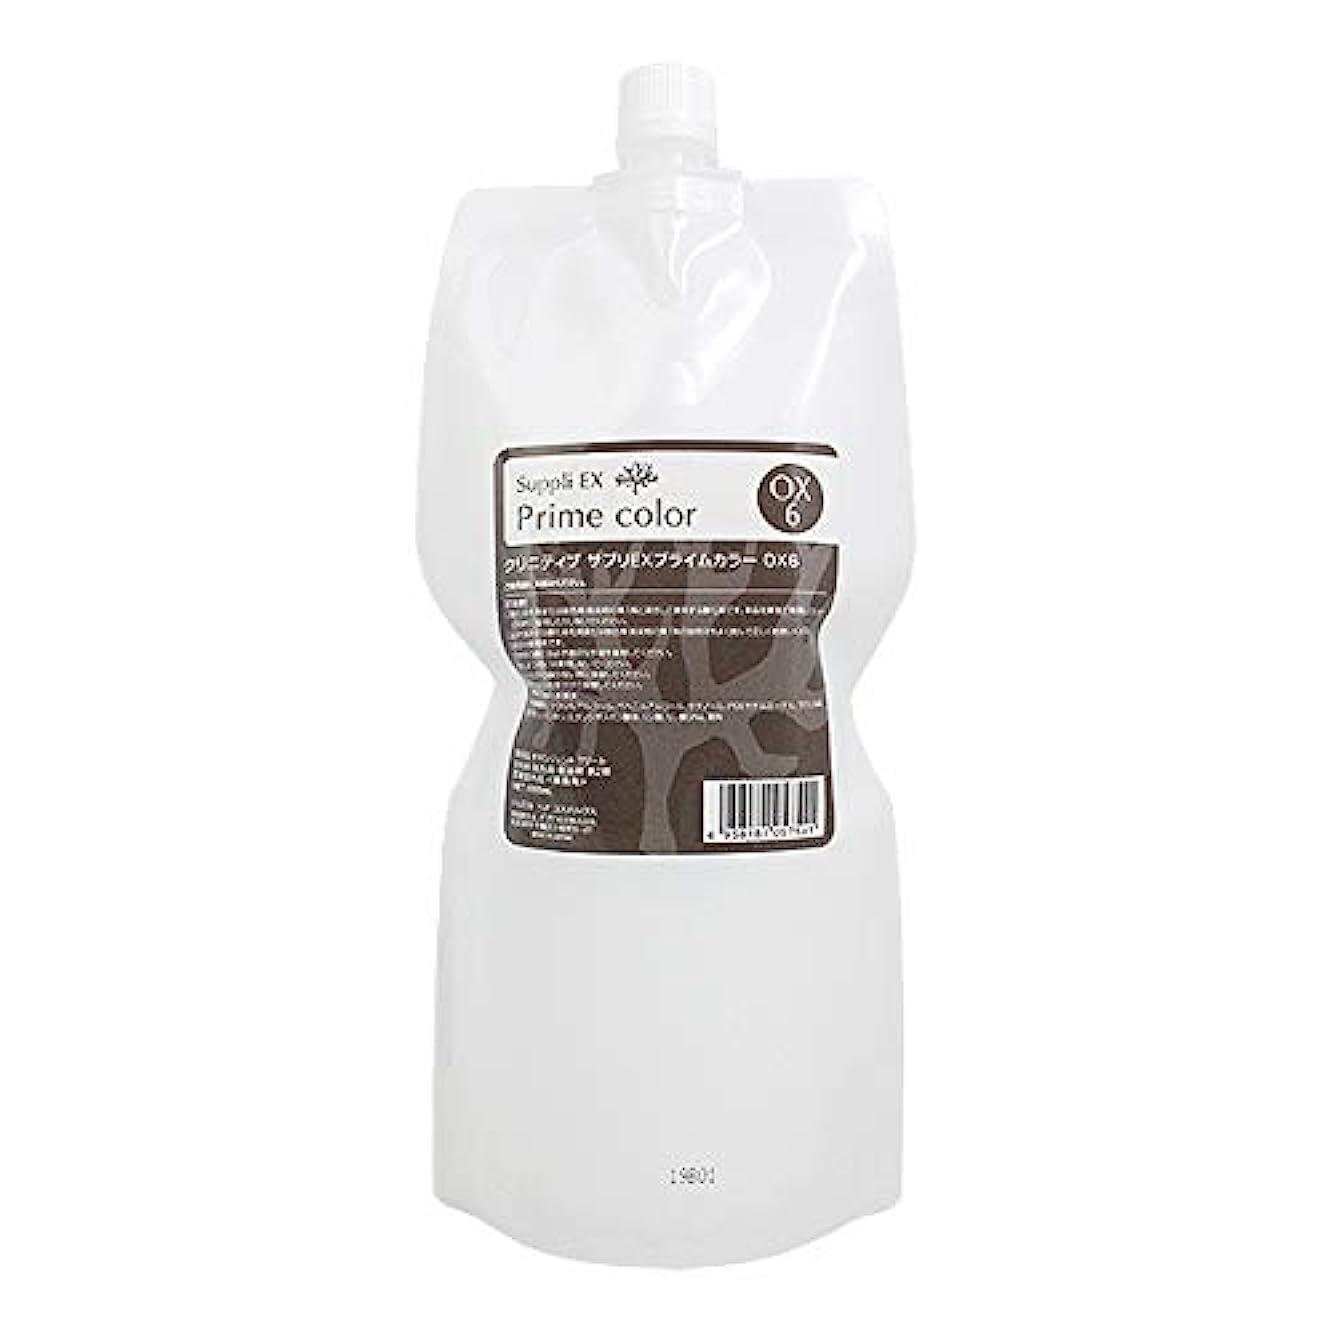 ノーブル燃料呪われたイリヤ化学 クリニティブ サプリEXプライムカラー アテンド(染毛補助クリーム) 300g